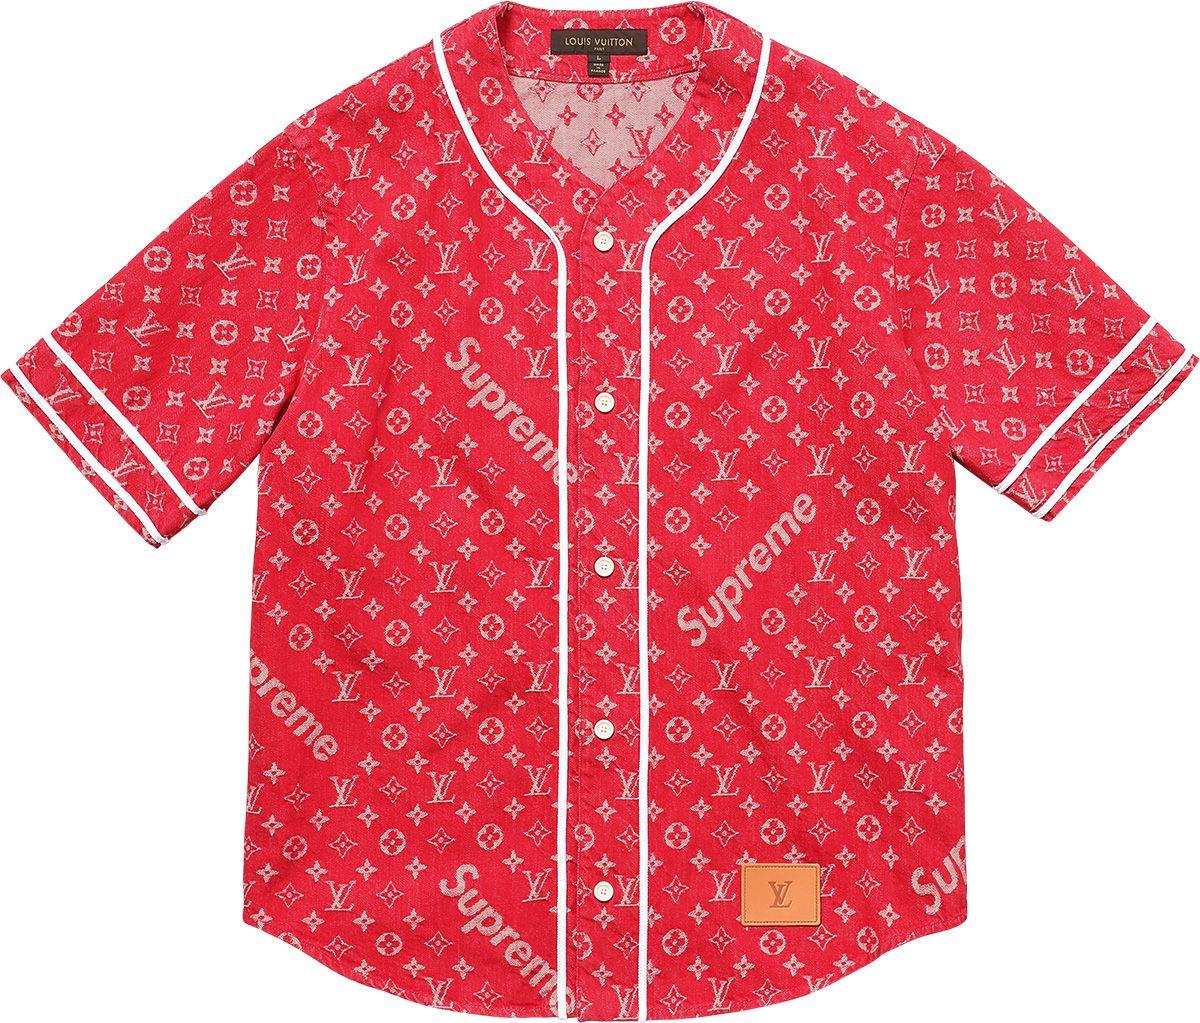 ff6400c6861a03 Supreme Louis Vuitton/Supreme Jacquard Denim Baseball Jersey | A ...